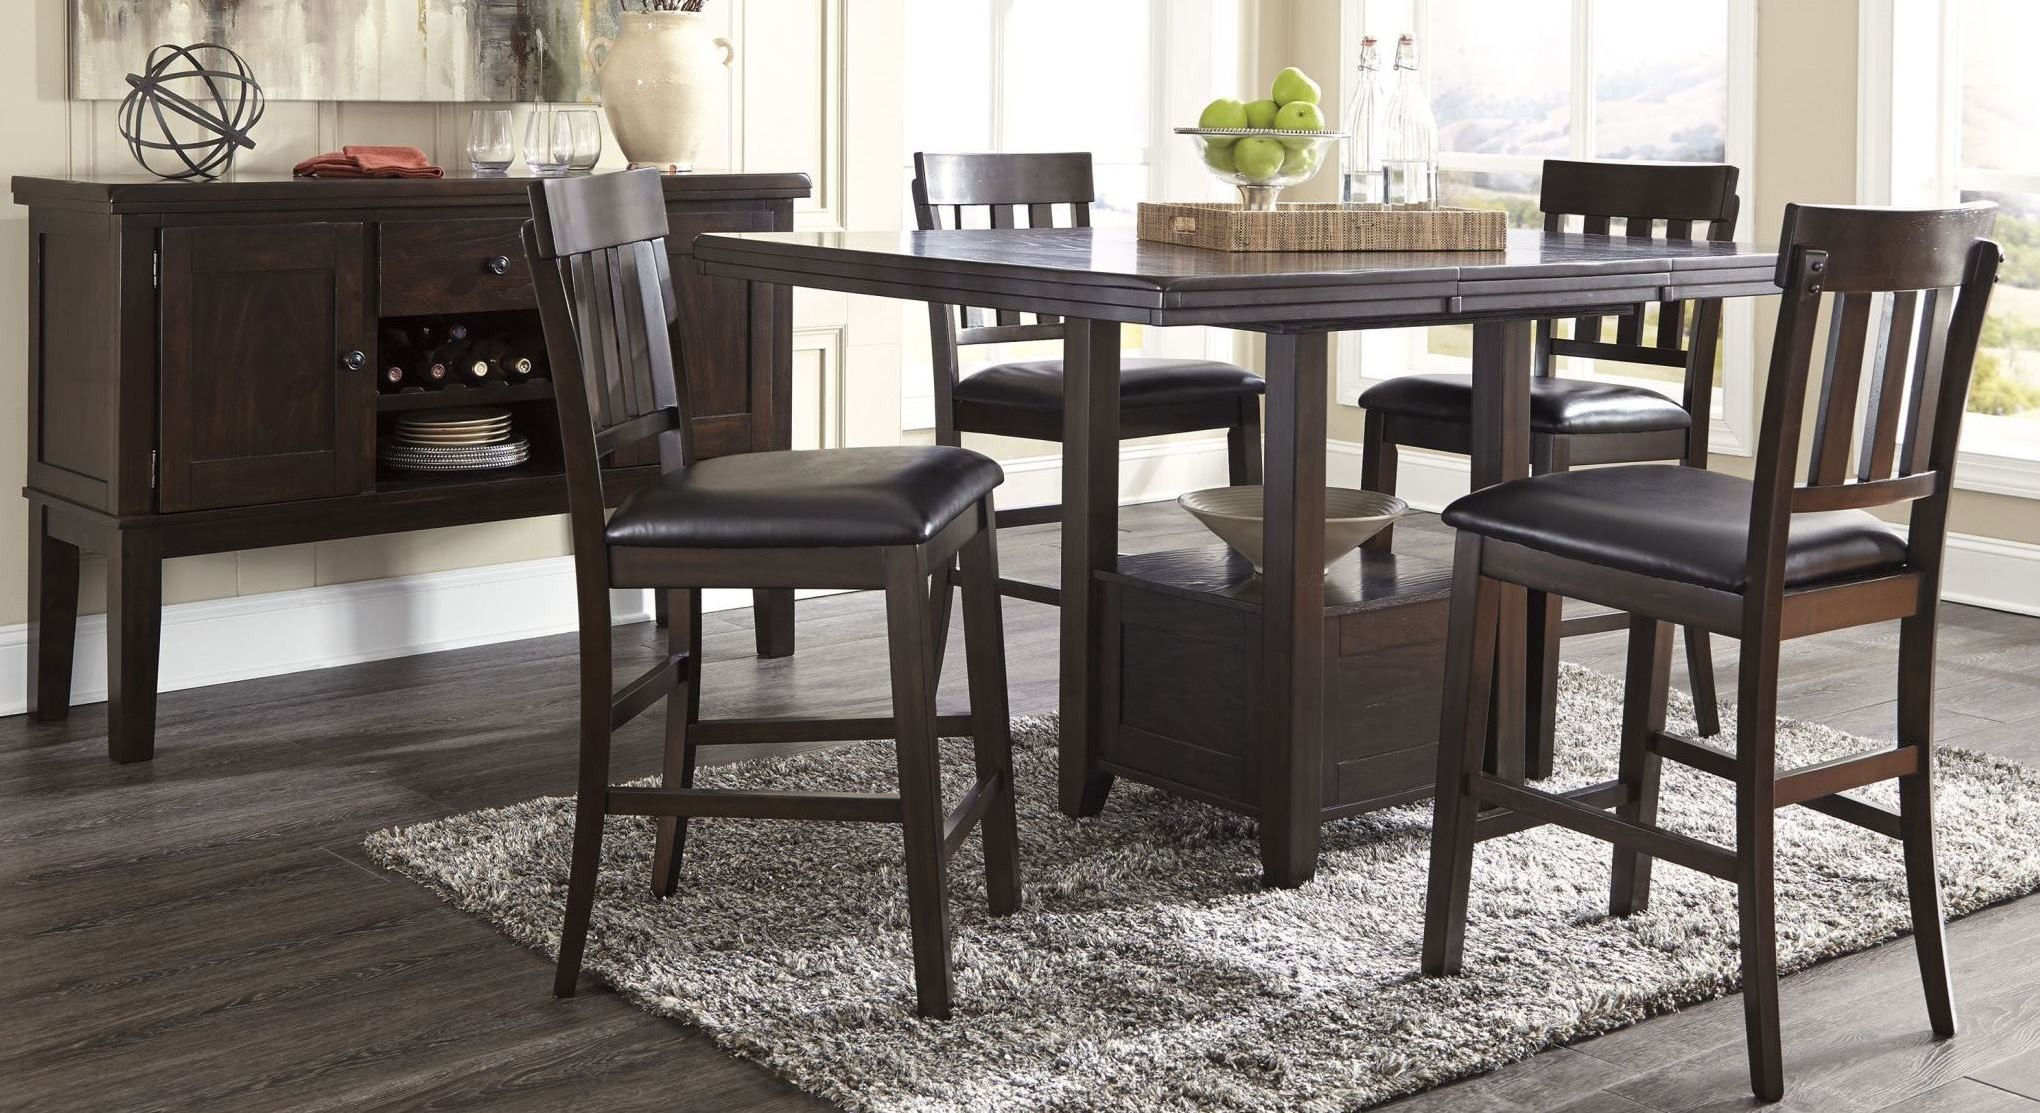 Counter Height Rectangular Dining Set : ... Rectangular Extendable Counter Height Dining Room Set, D596-42, Ashley